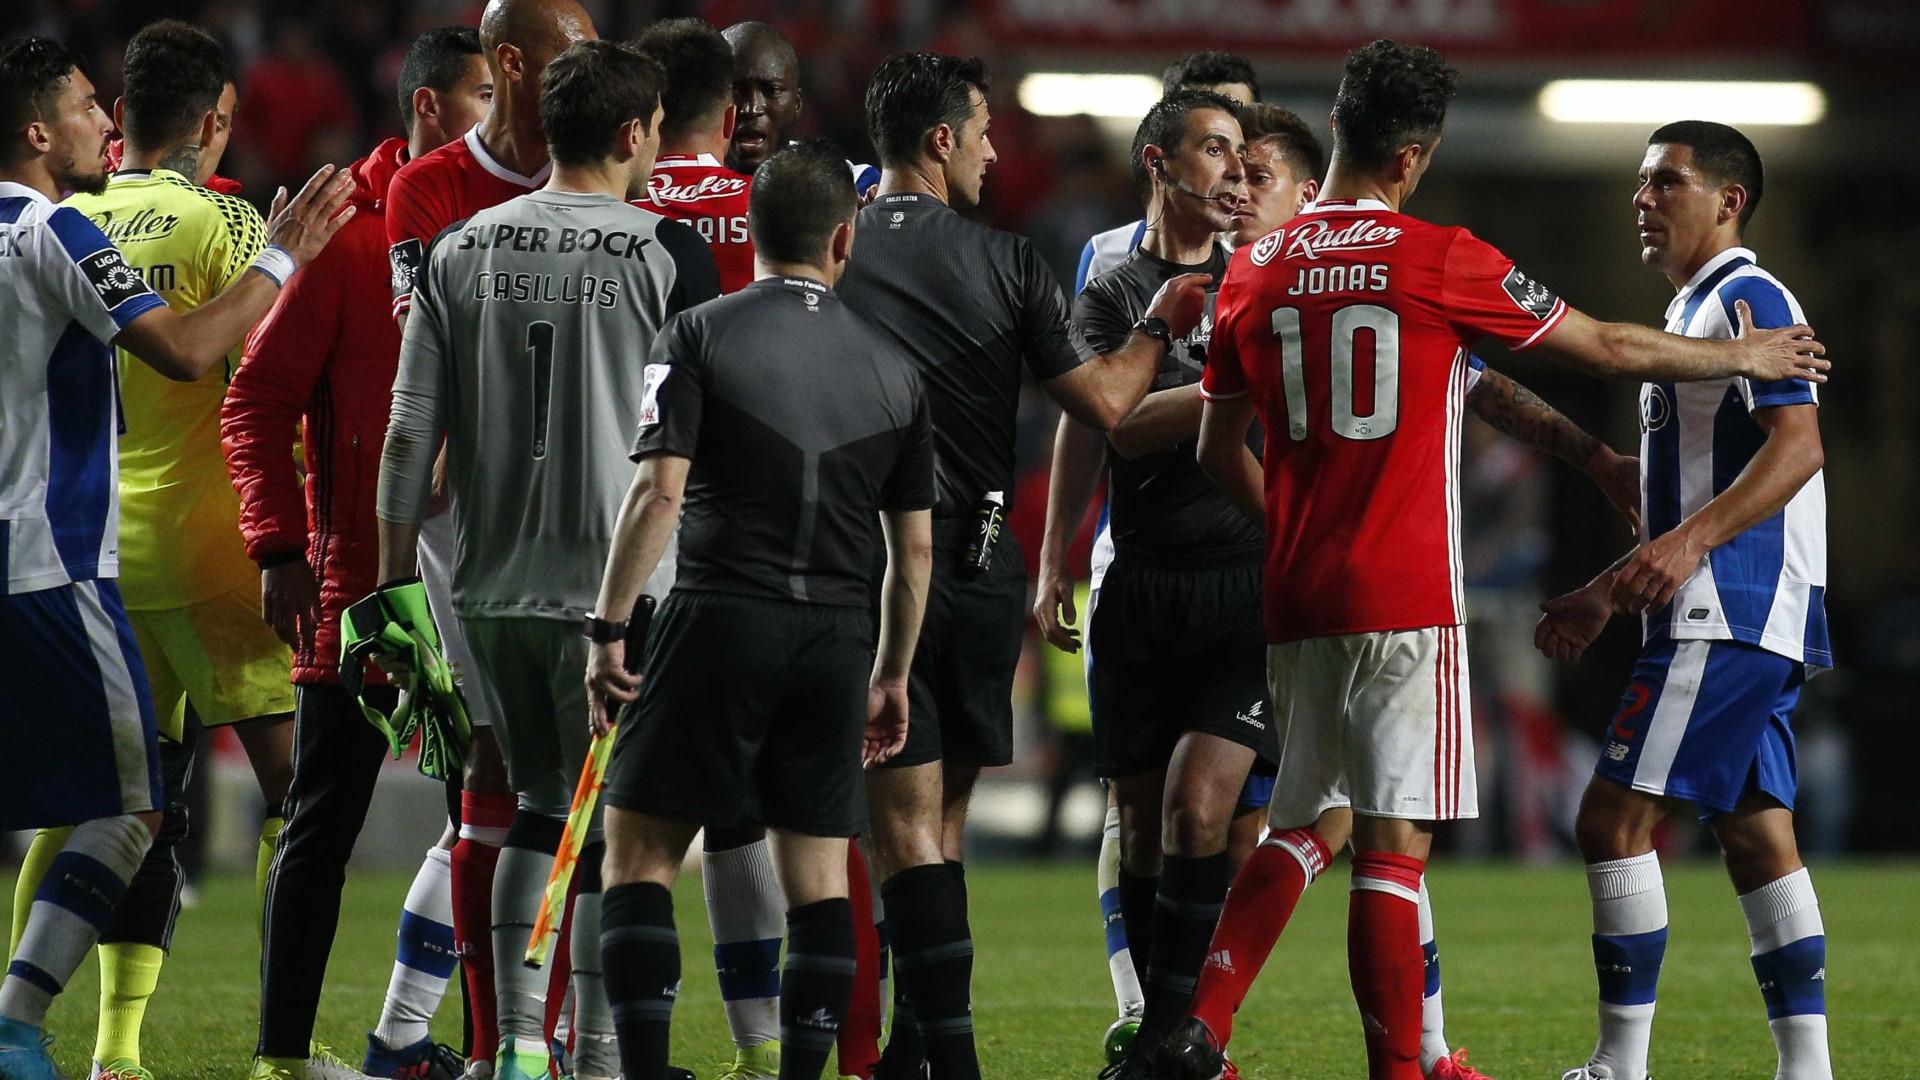 """Absolvição do 'Apito Final' é """"derrota"""" para o Benfica, diz o FC Porto"""